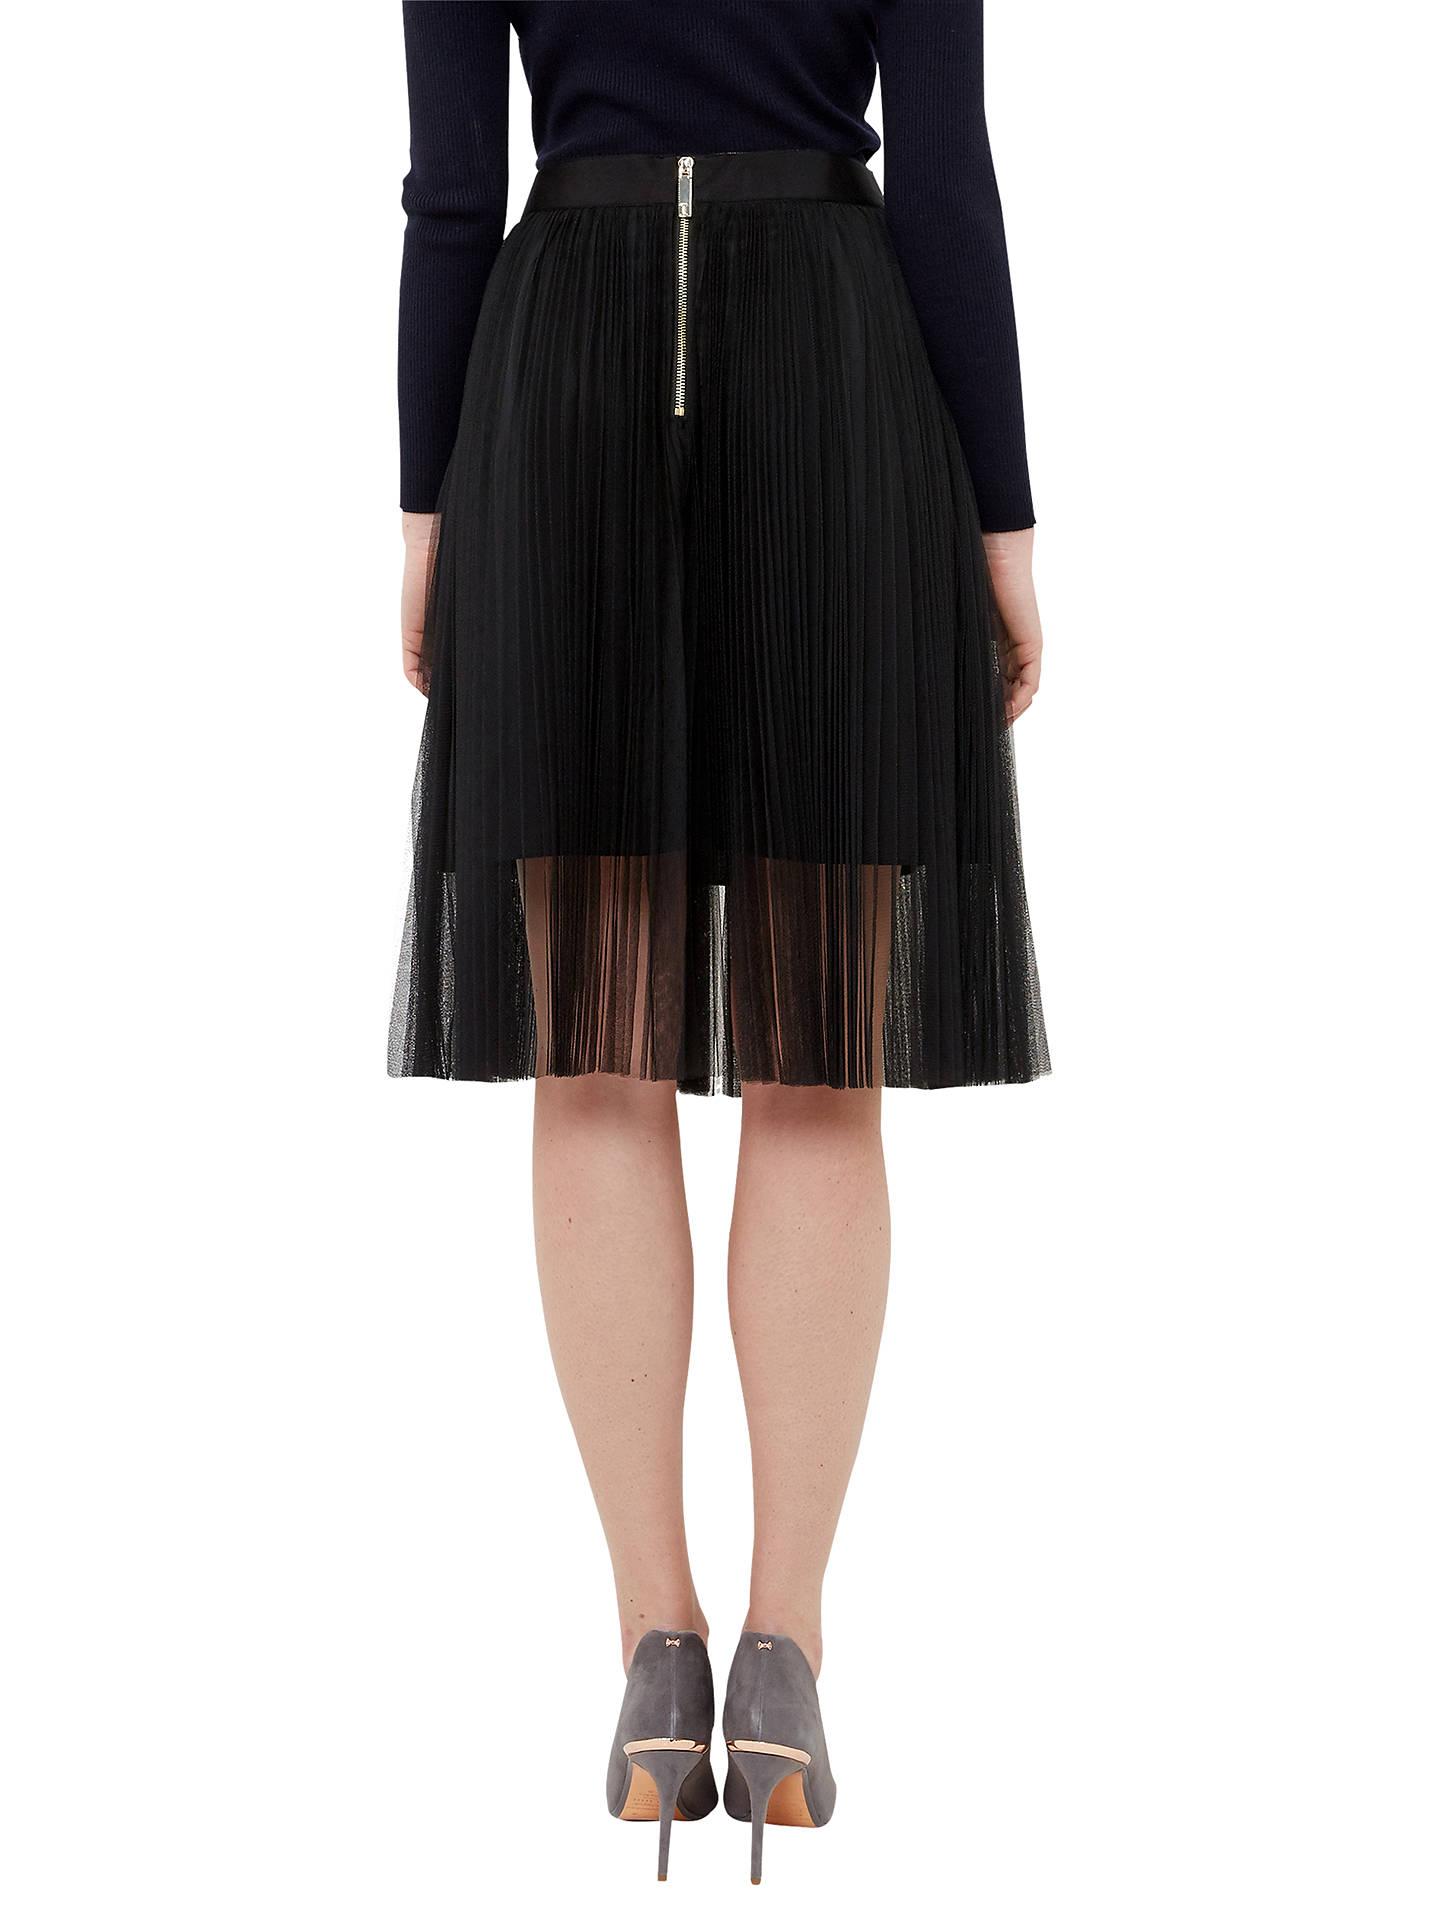 b2be012cc ... Buy Ted Baker Filita Tulle Skirt, Black, 0 Online at johnlewis.com ...